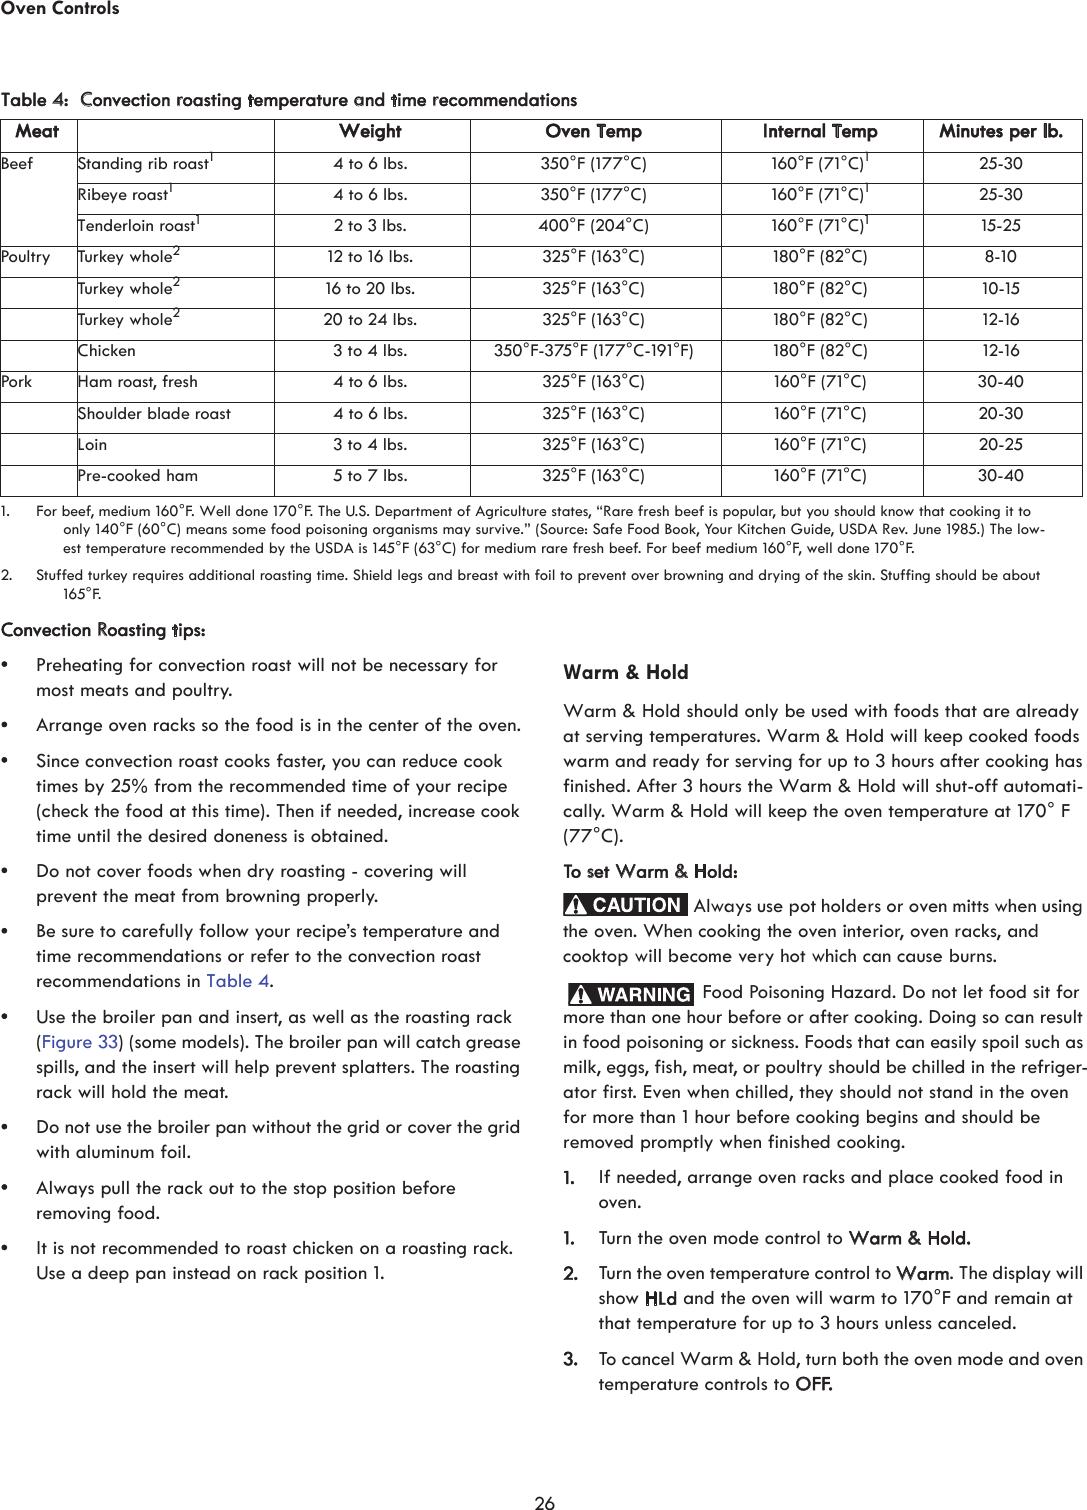 Kenmore Pro 79072583512 809126803D_edit User Manual GAS